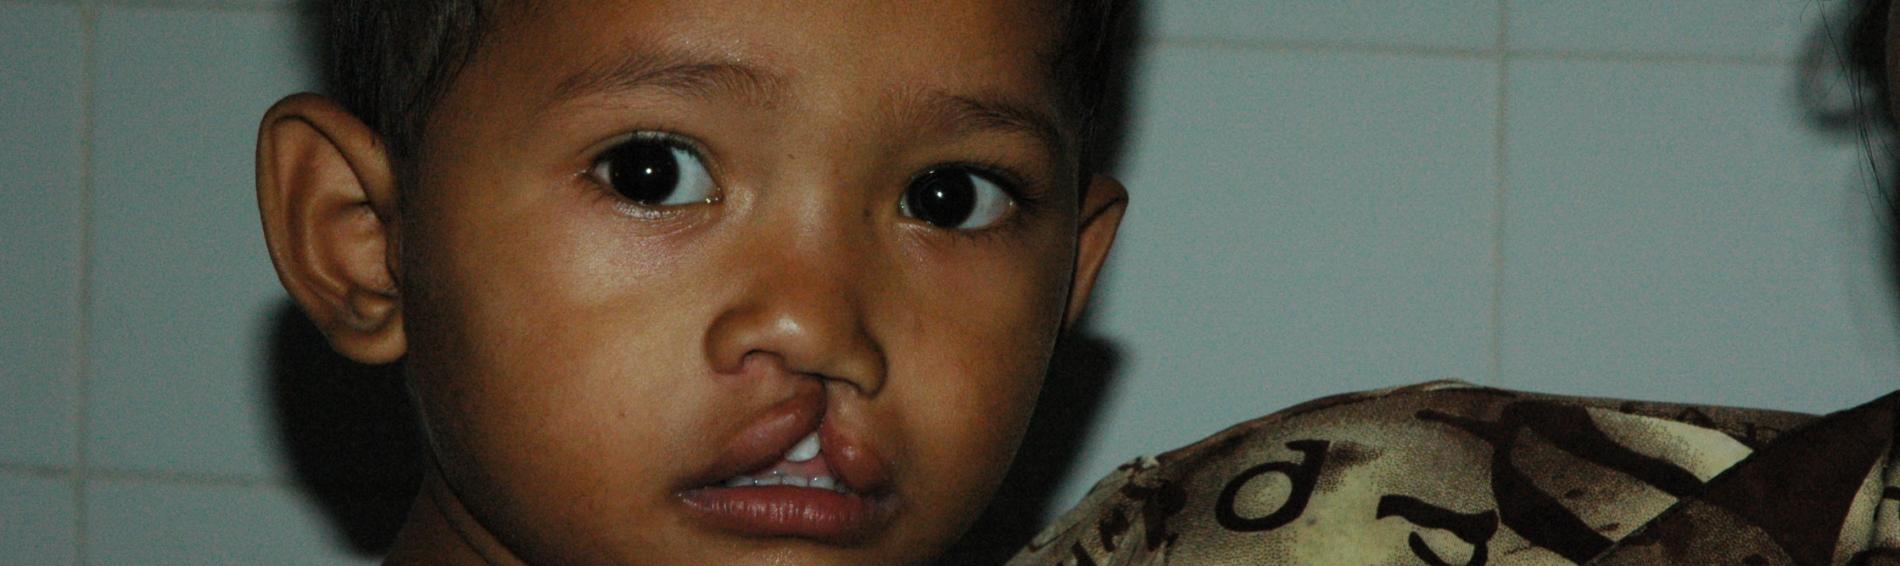 Kind mit Gaumenspalte in Kamboscha. Foto: Fabian Fierchter